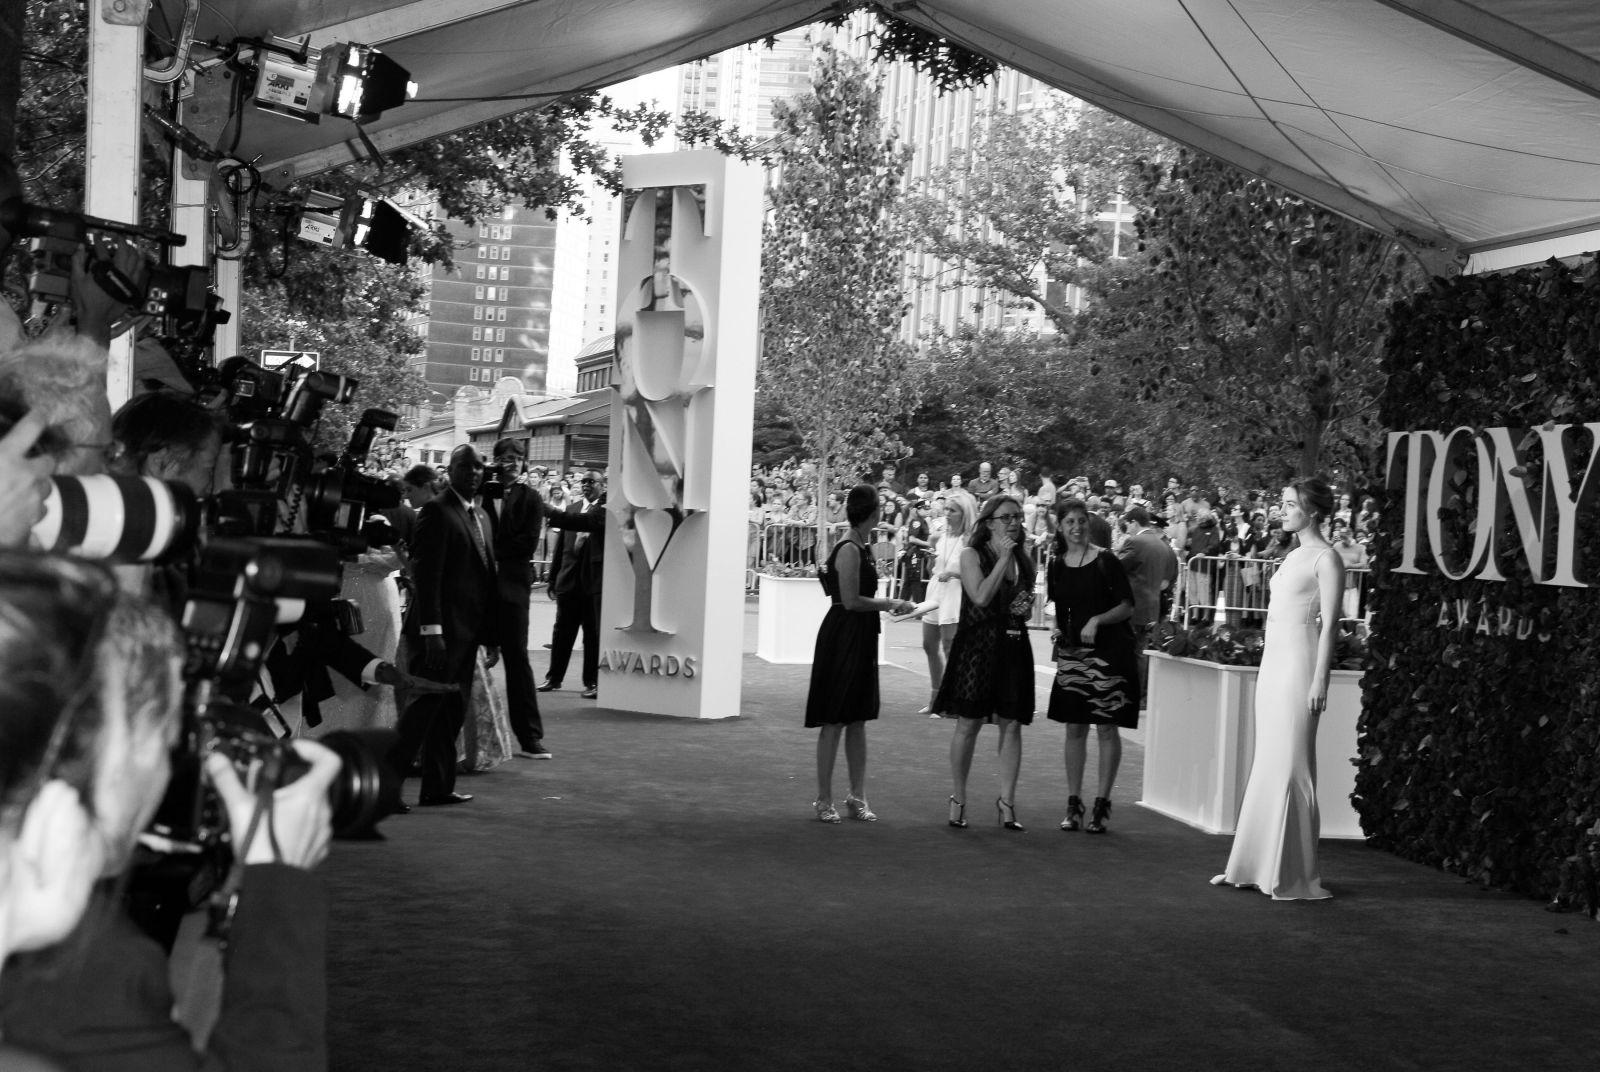 """Tony Awards 2016: Кейт Бланшетт, Люпита Нионго, Анна Винтур и другие на красной дорожке """"Бродвейского Оскара"""""""